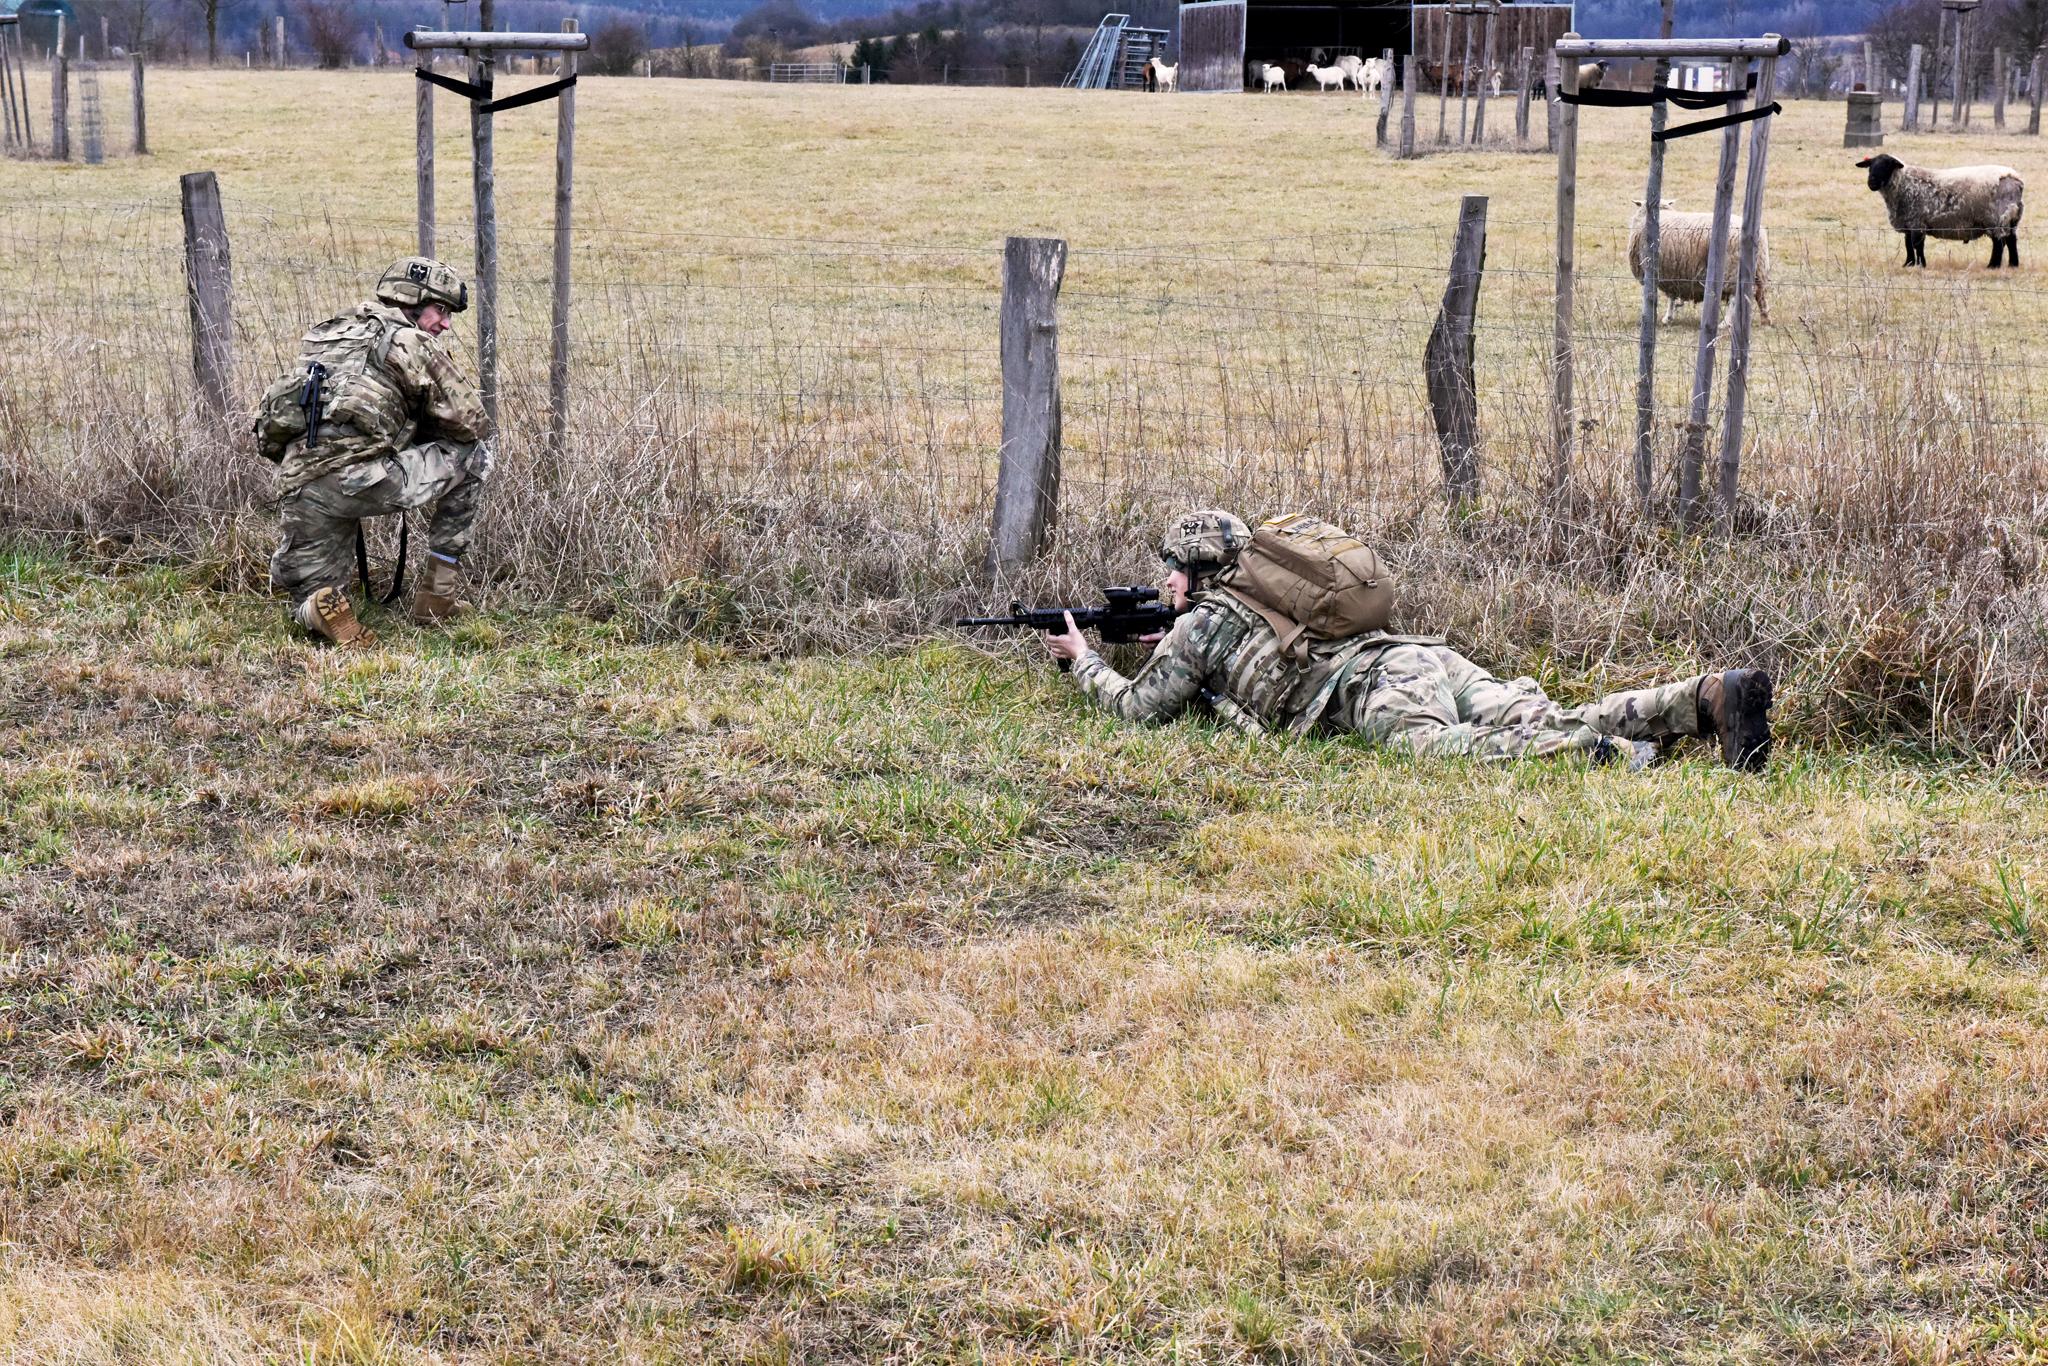 Průzkum kolem ovčí pastviny v rámci bojové operace